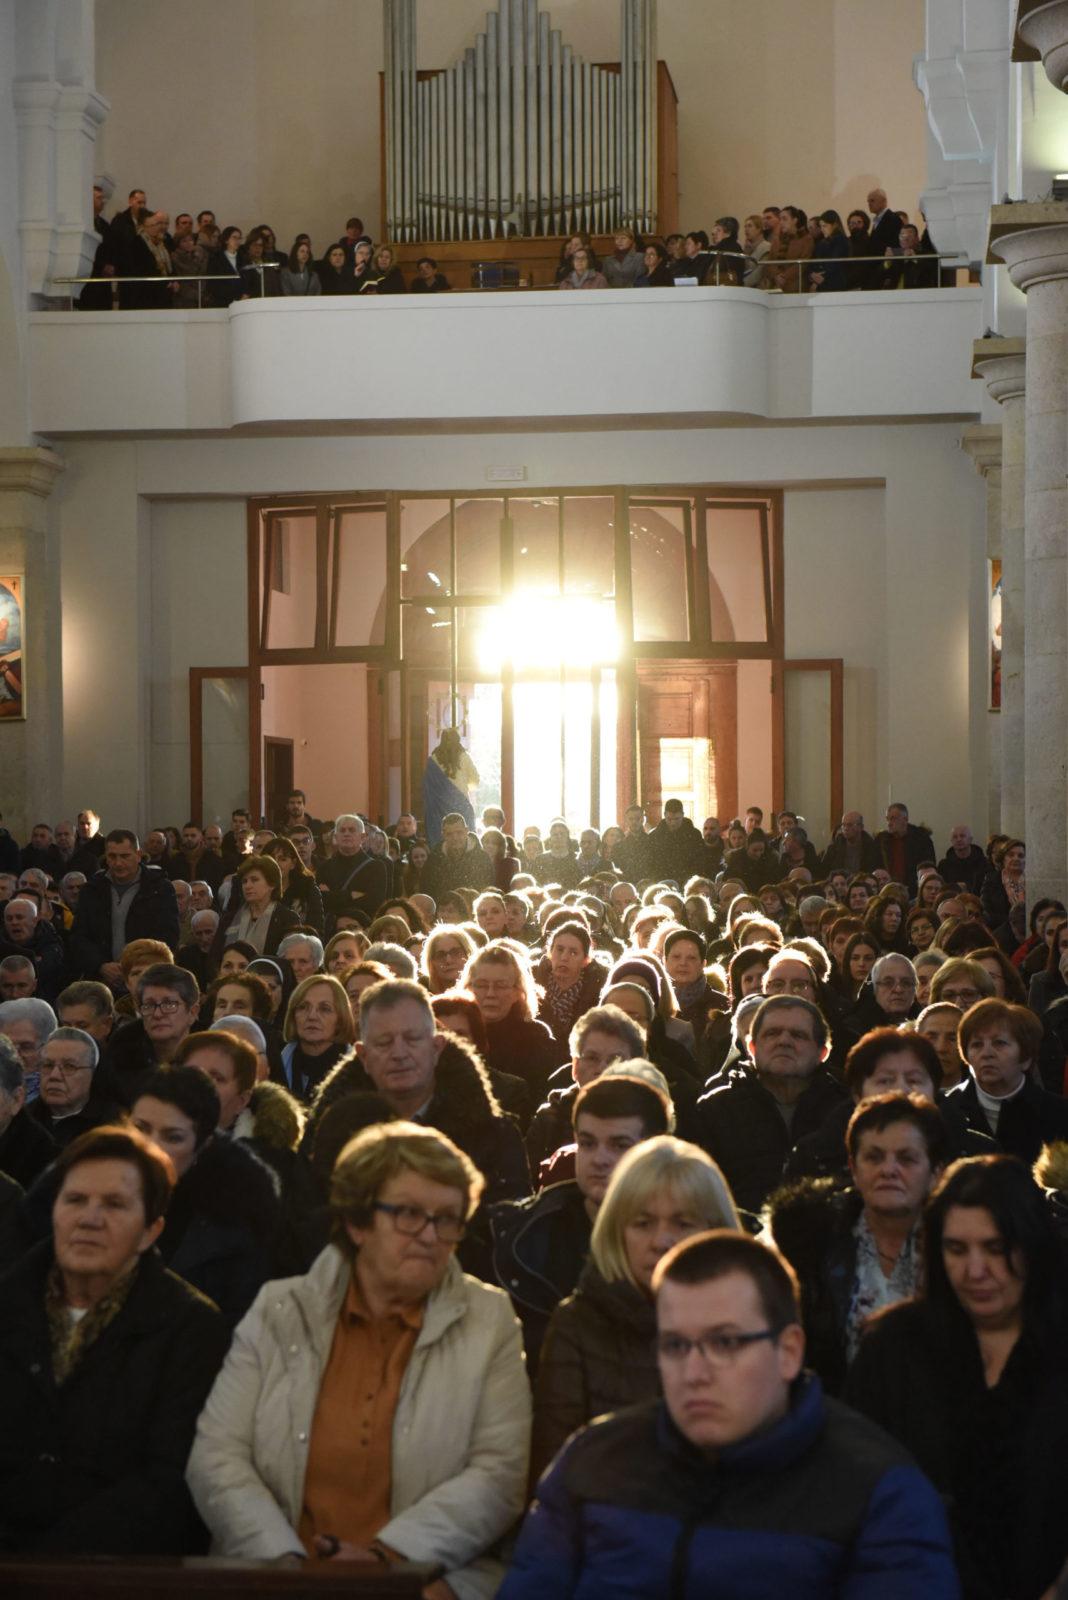 Obilježena 75. obljetnica  ubojstva 66. hercegovačkih franjevaca Obljetnica-pobijenih-franjevaca-20-scaled-1-1068x1600